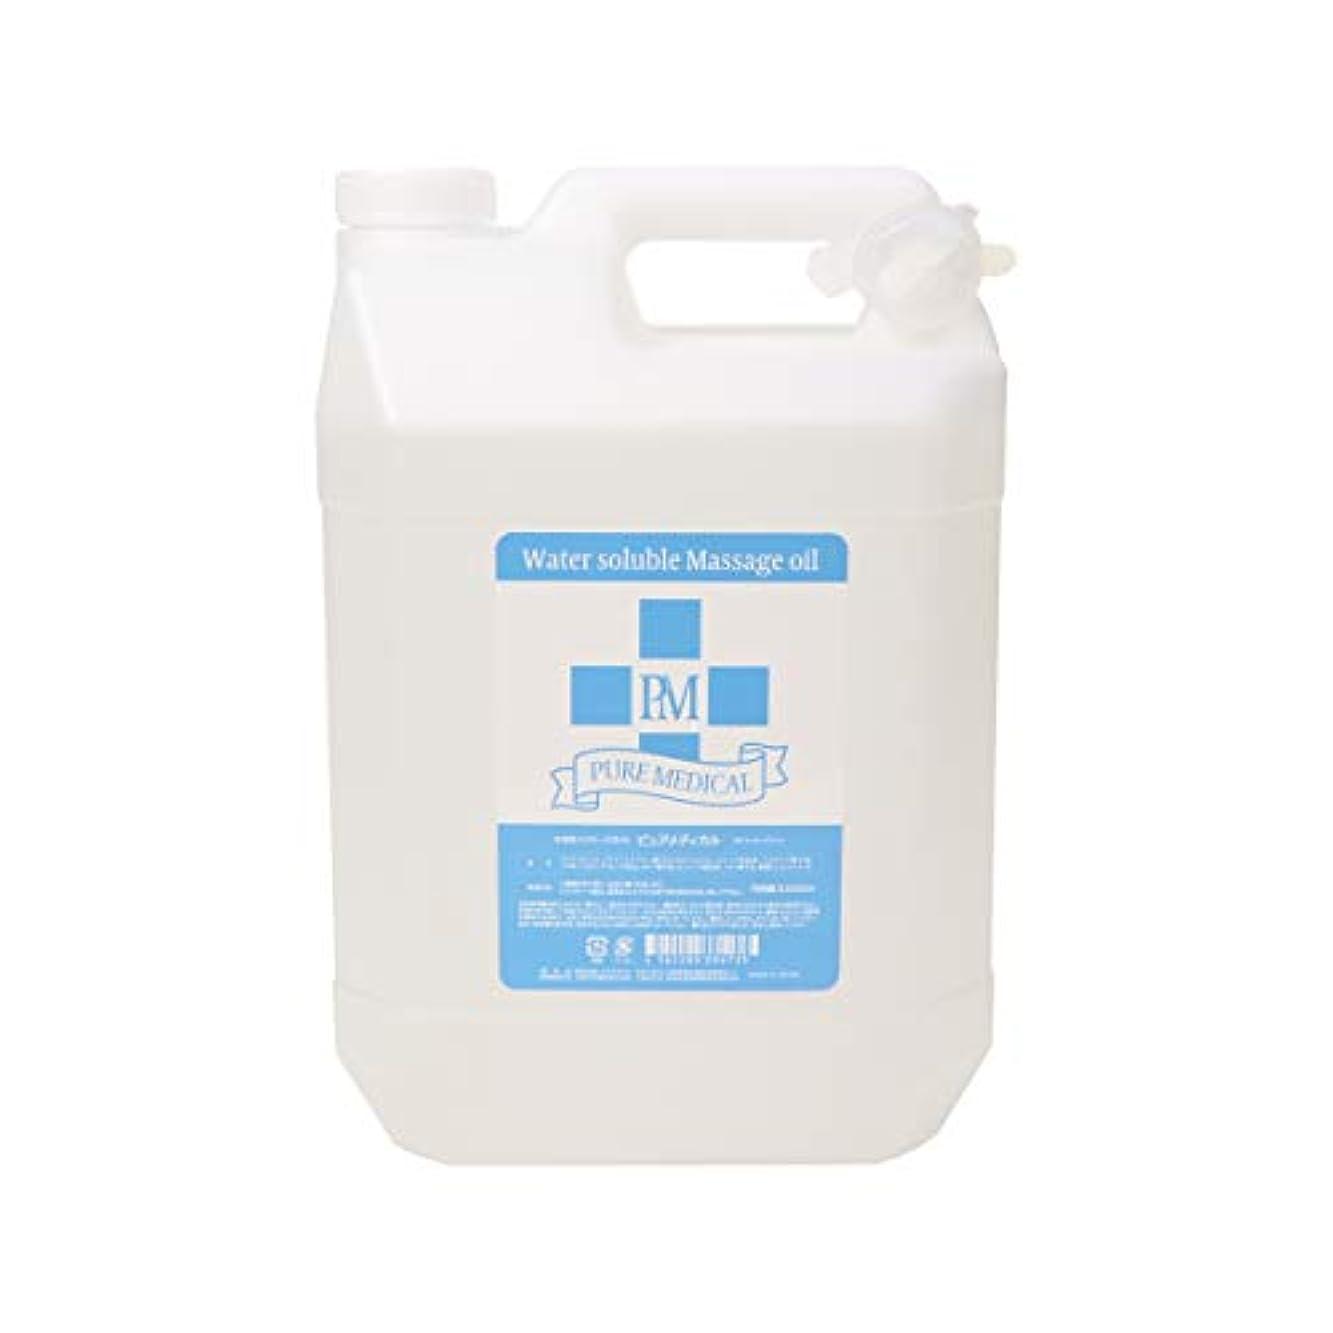 被るレイア遠近法PURE MEDICAL(ピュアメディカル) 水溶性マッサージオイル 5L マッサージオイル ボディオイル PM 無香料 日本製 業務用 ボディ用